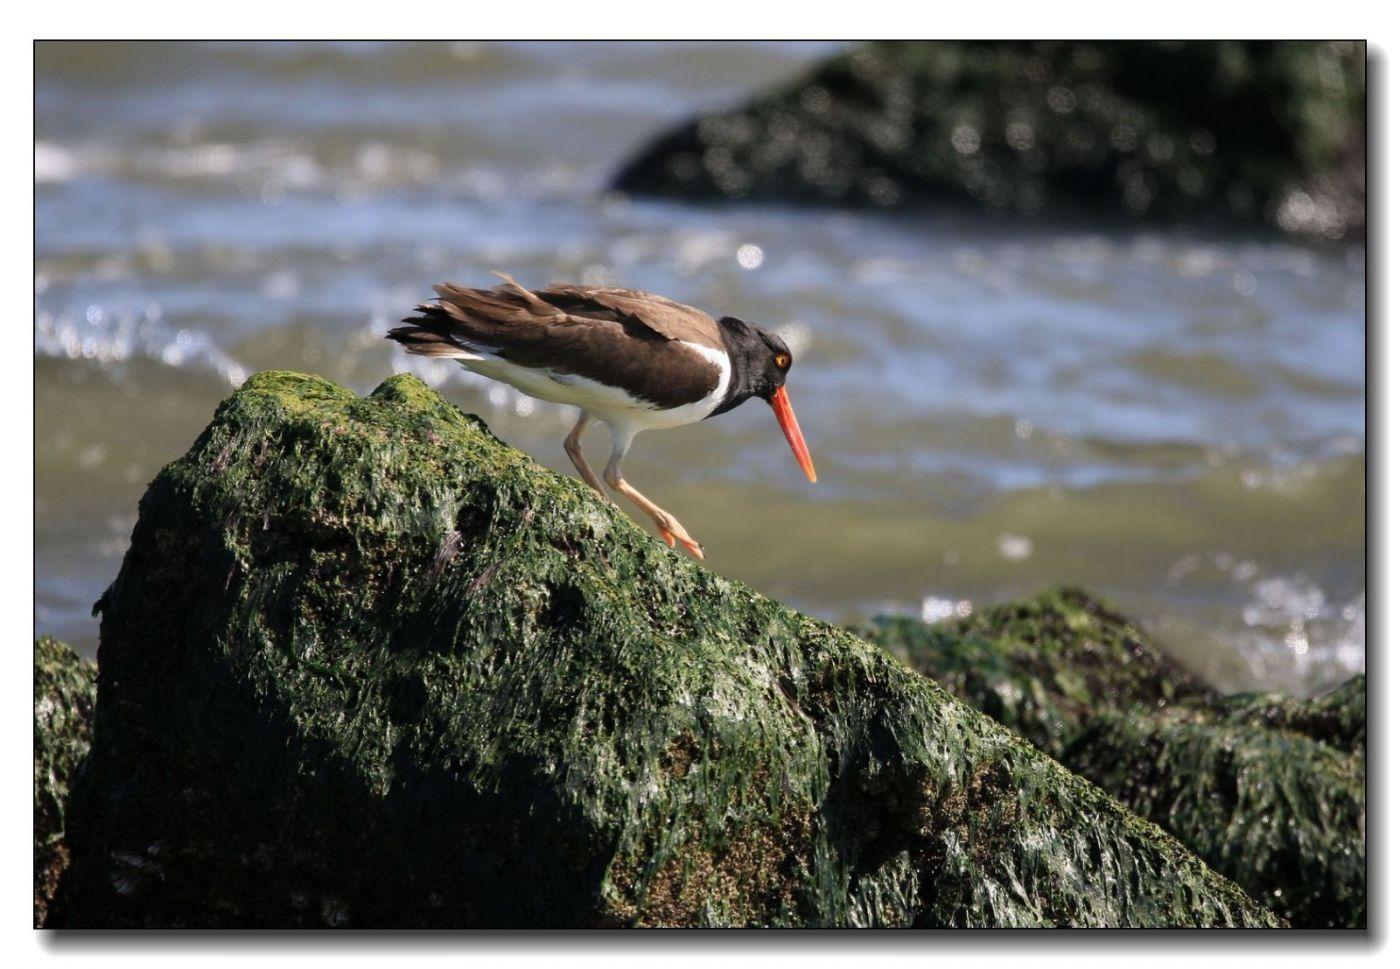 洛克威海滩拍鸟—励鹬_图1-10